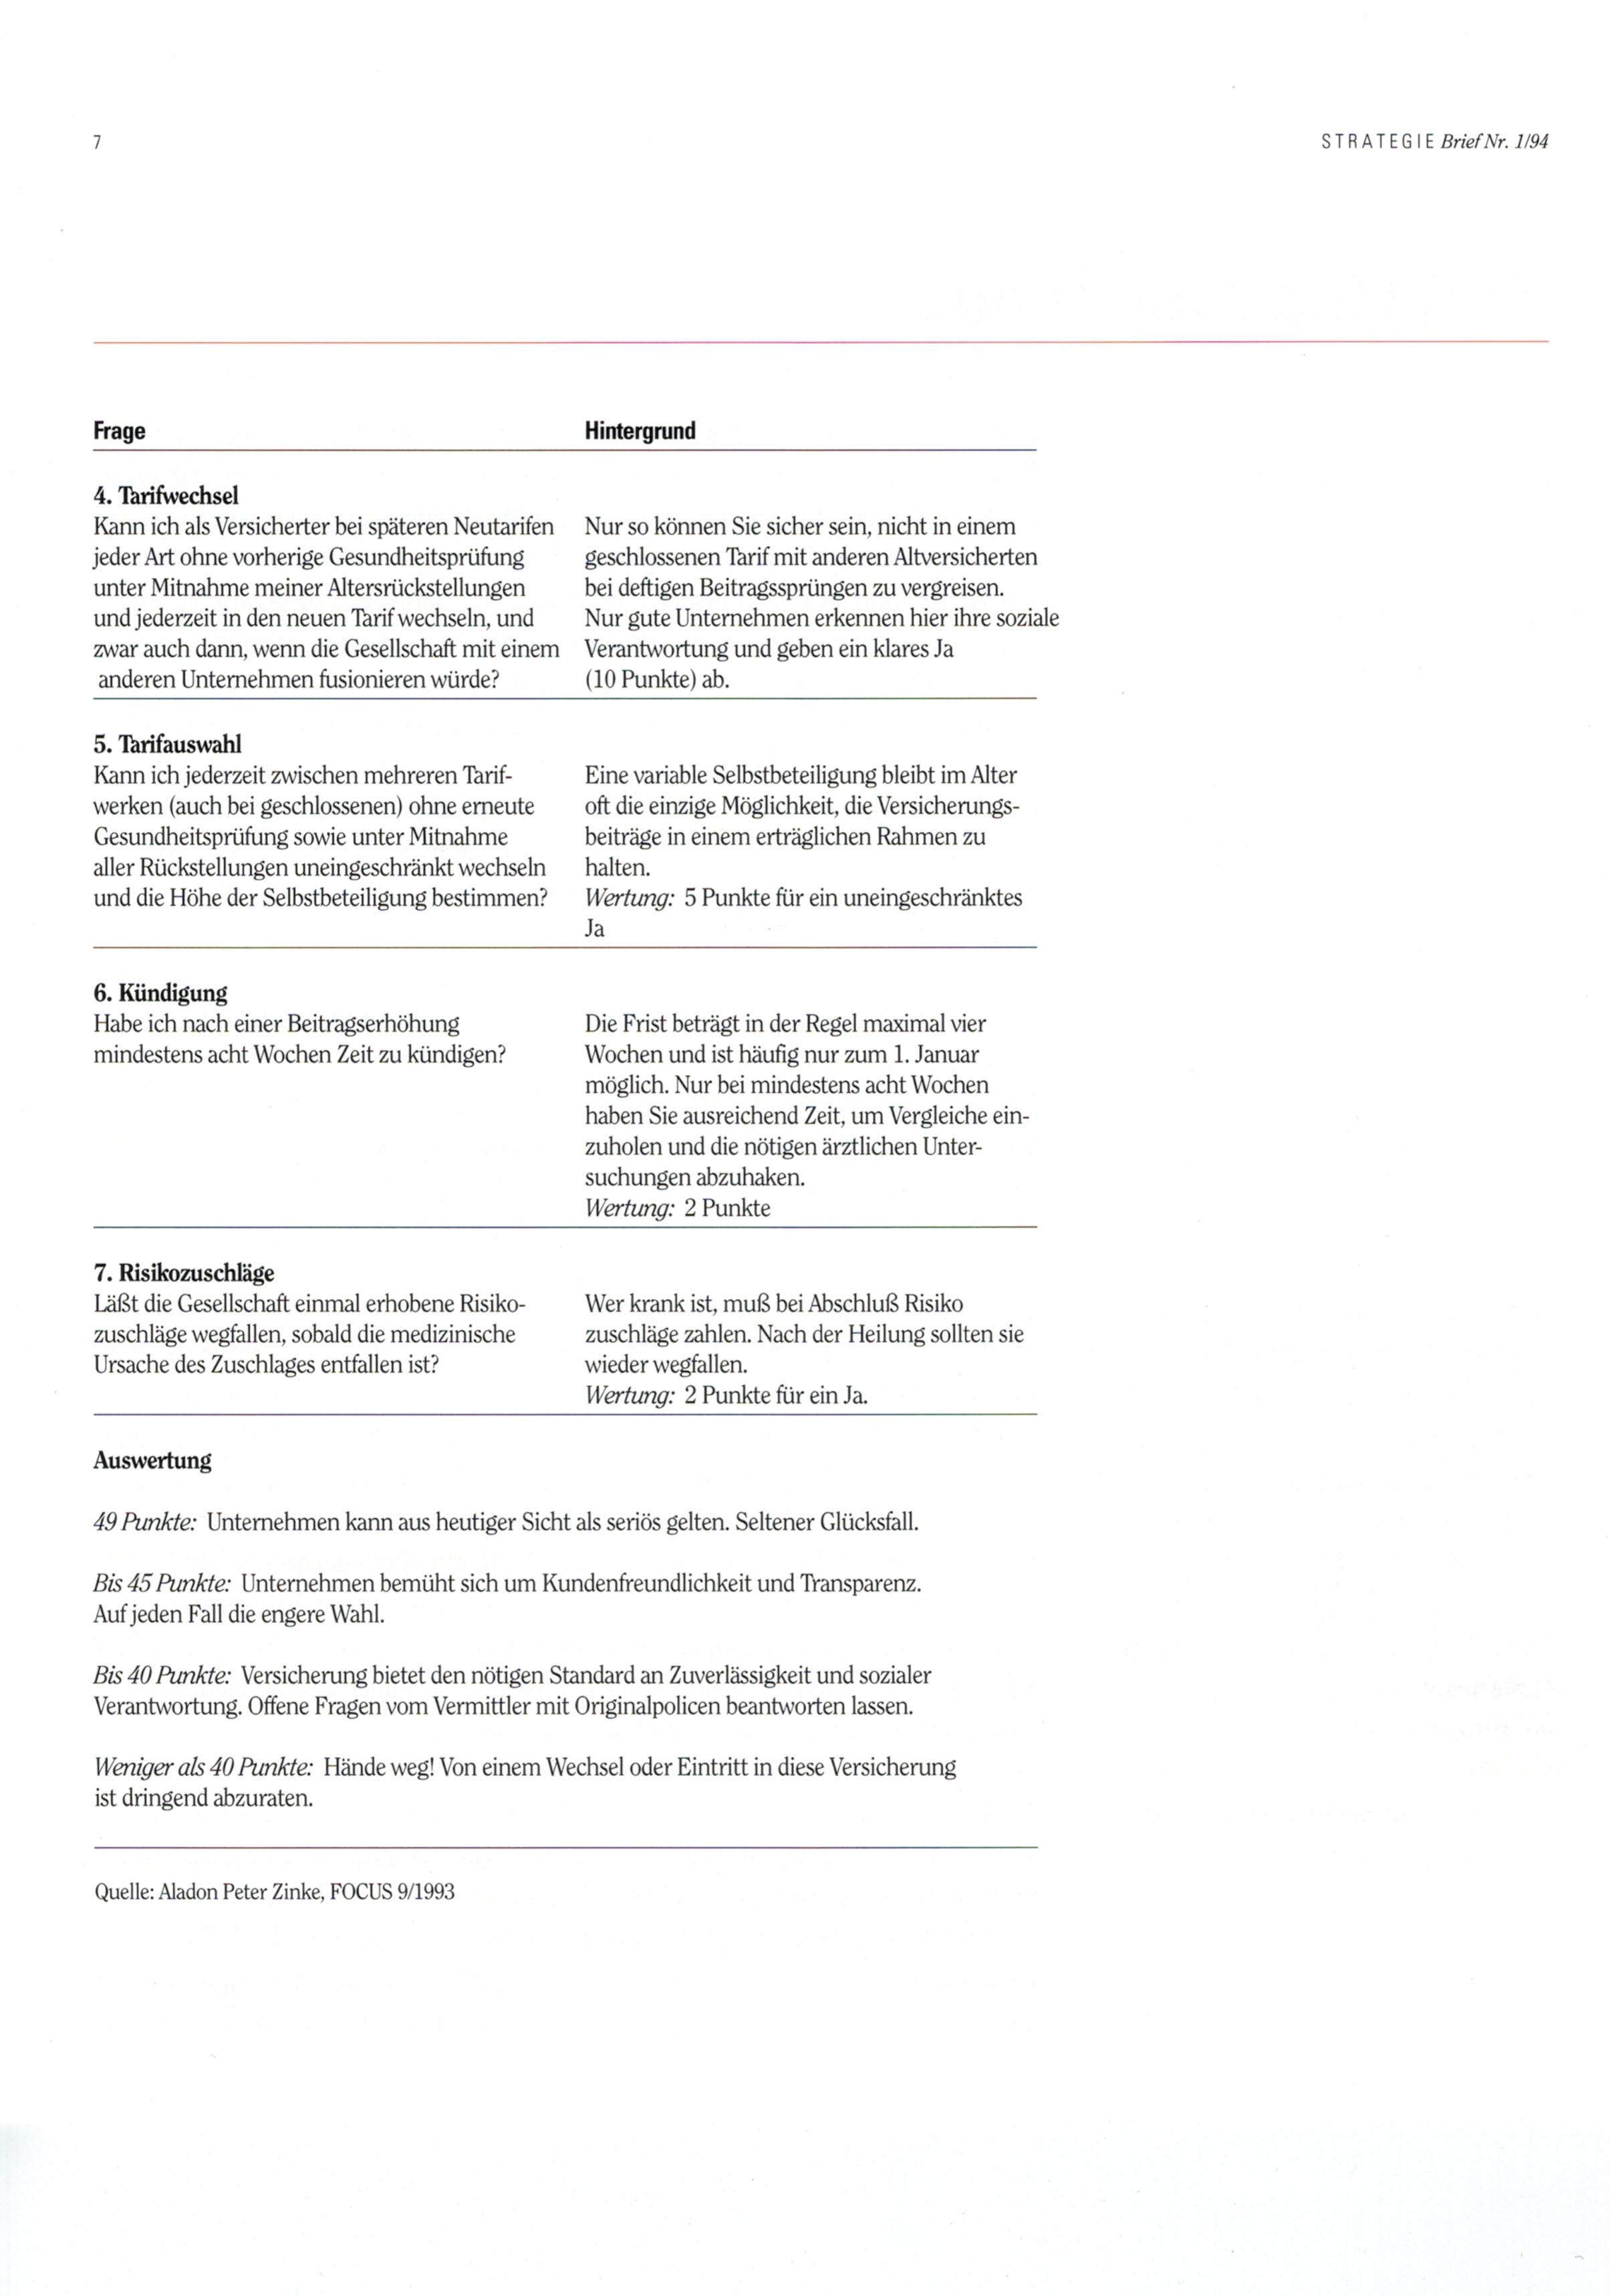 ALADON P. Zinke - Krankenversicherungsvergleich in der PKV | ALADON ...